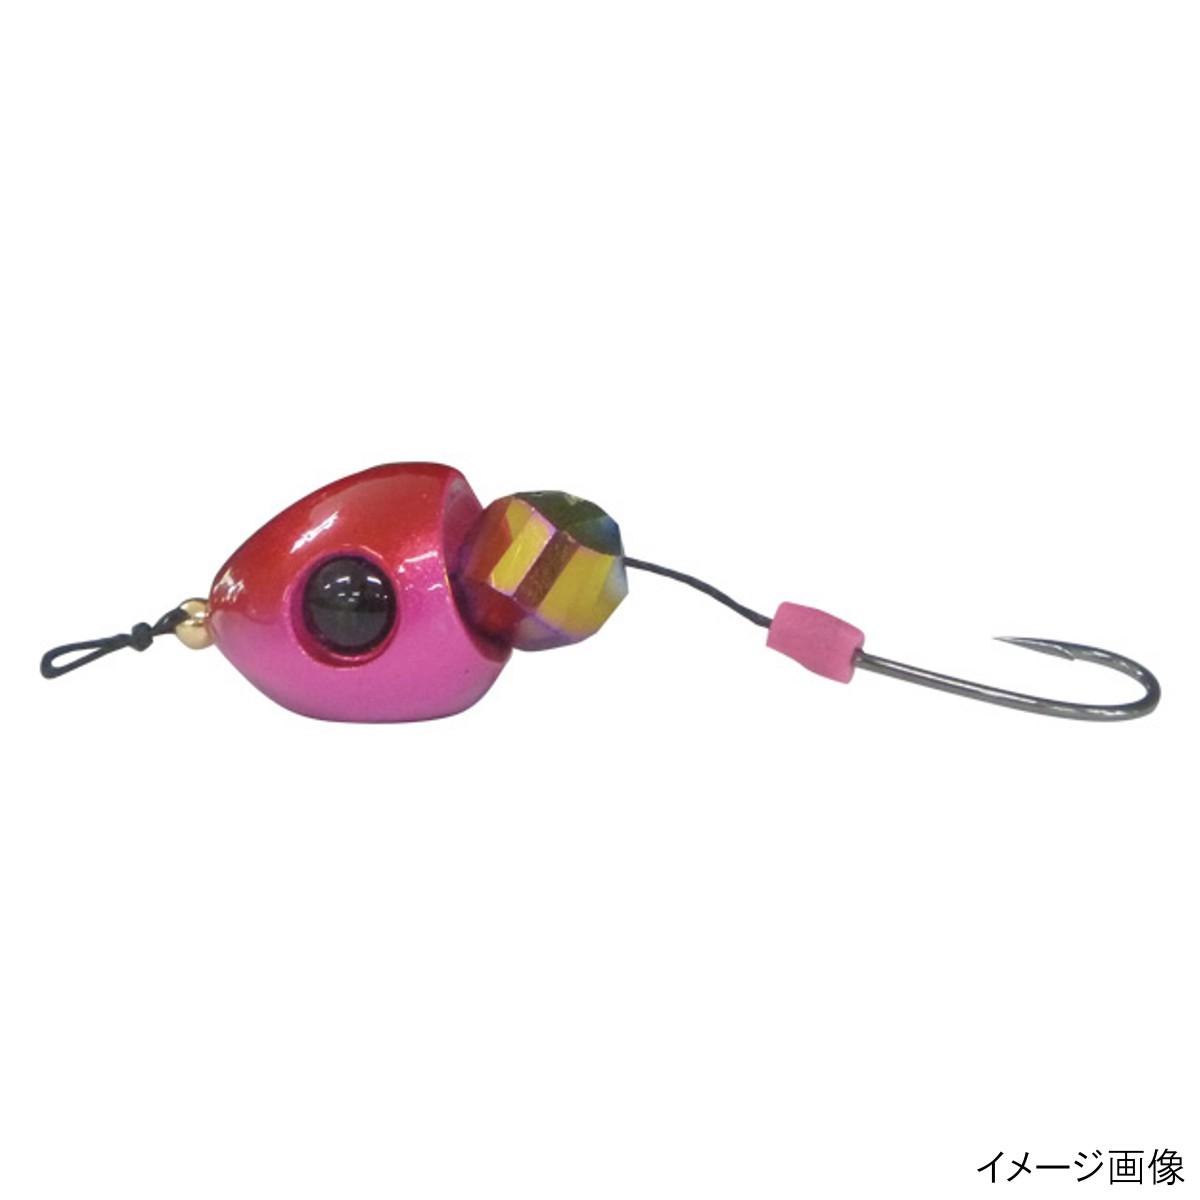 直撃穴撃ちブラクリドロップストライクHE1124号カニオレンジ・エビピンク【ゆうパケット】